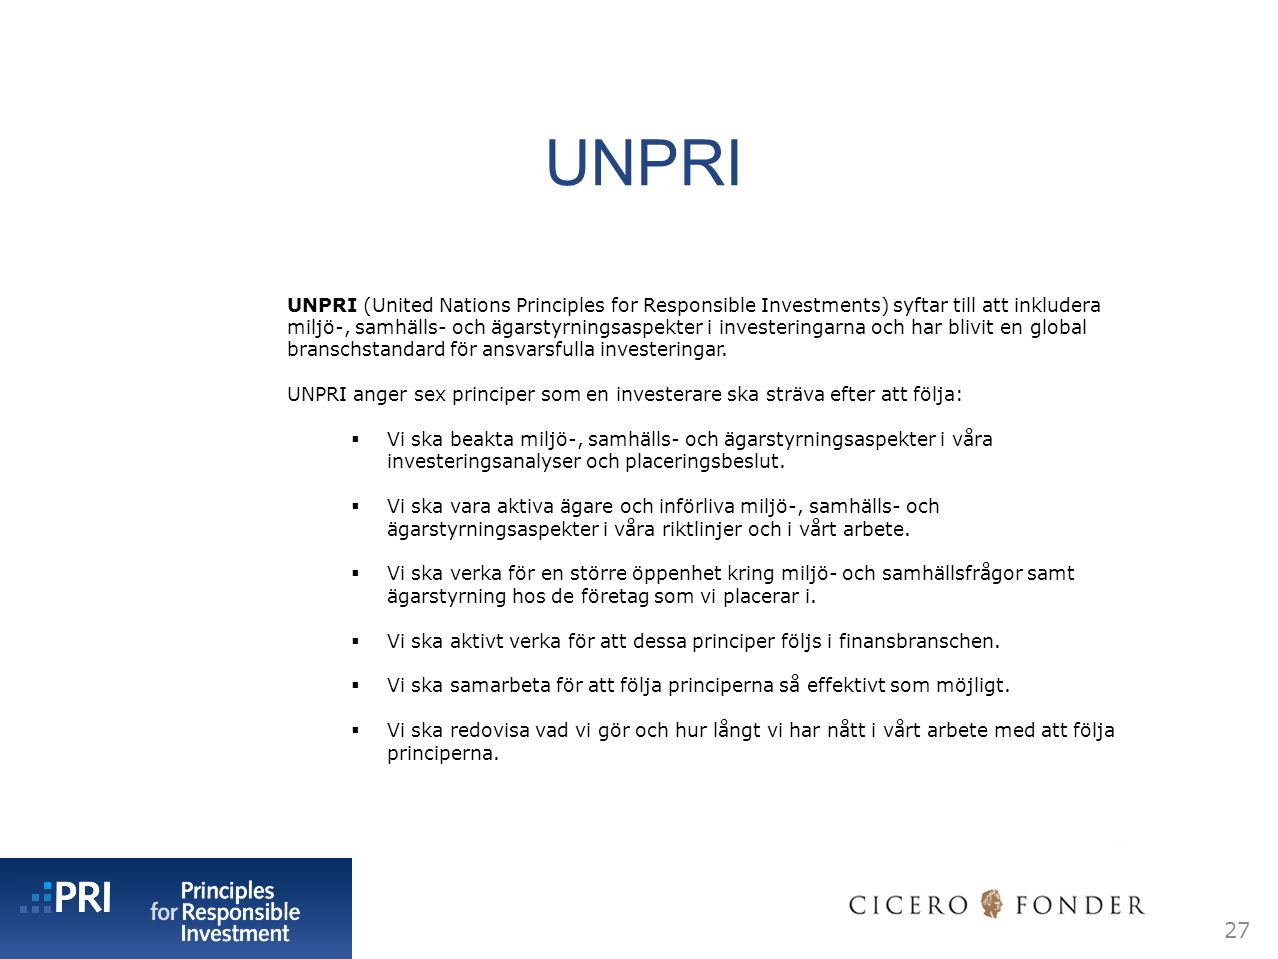 UNPRI 27 UNPRI (United Nations Principles for Responsible Investments) syftar till att inkludera miljö-, samhälls- och ägarstyrningsaspekter i investeringarna och har blivit en global branschstandard för ansvarsfulla investeringar.